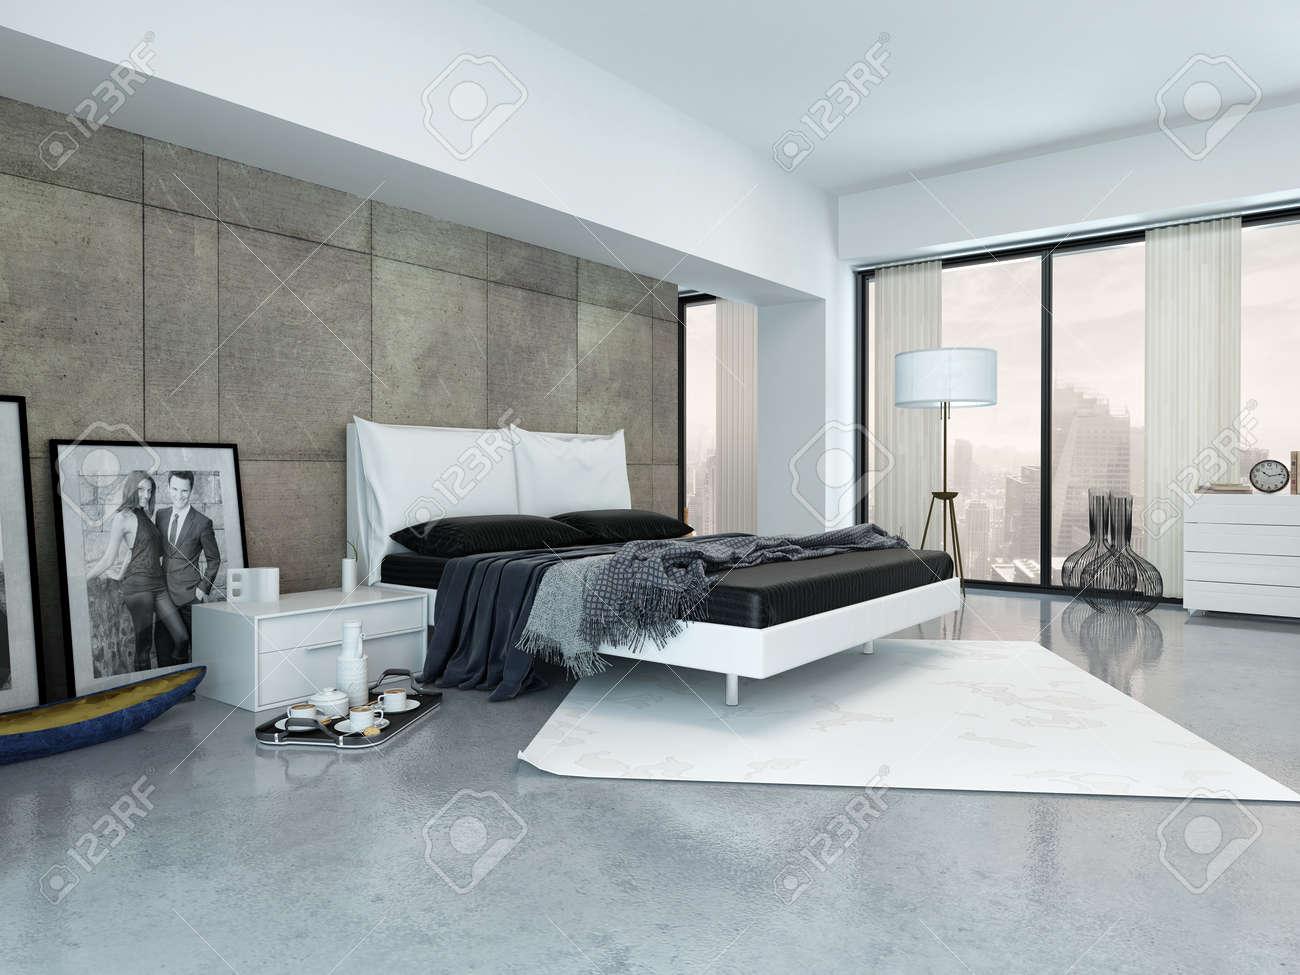 Camera da letto grande: letto matrimoniale mondo convenienza tutte ...